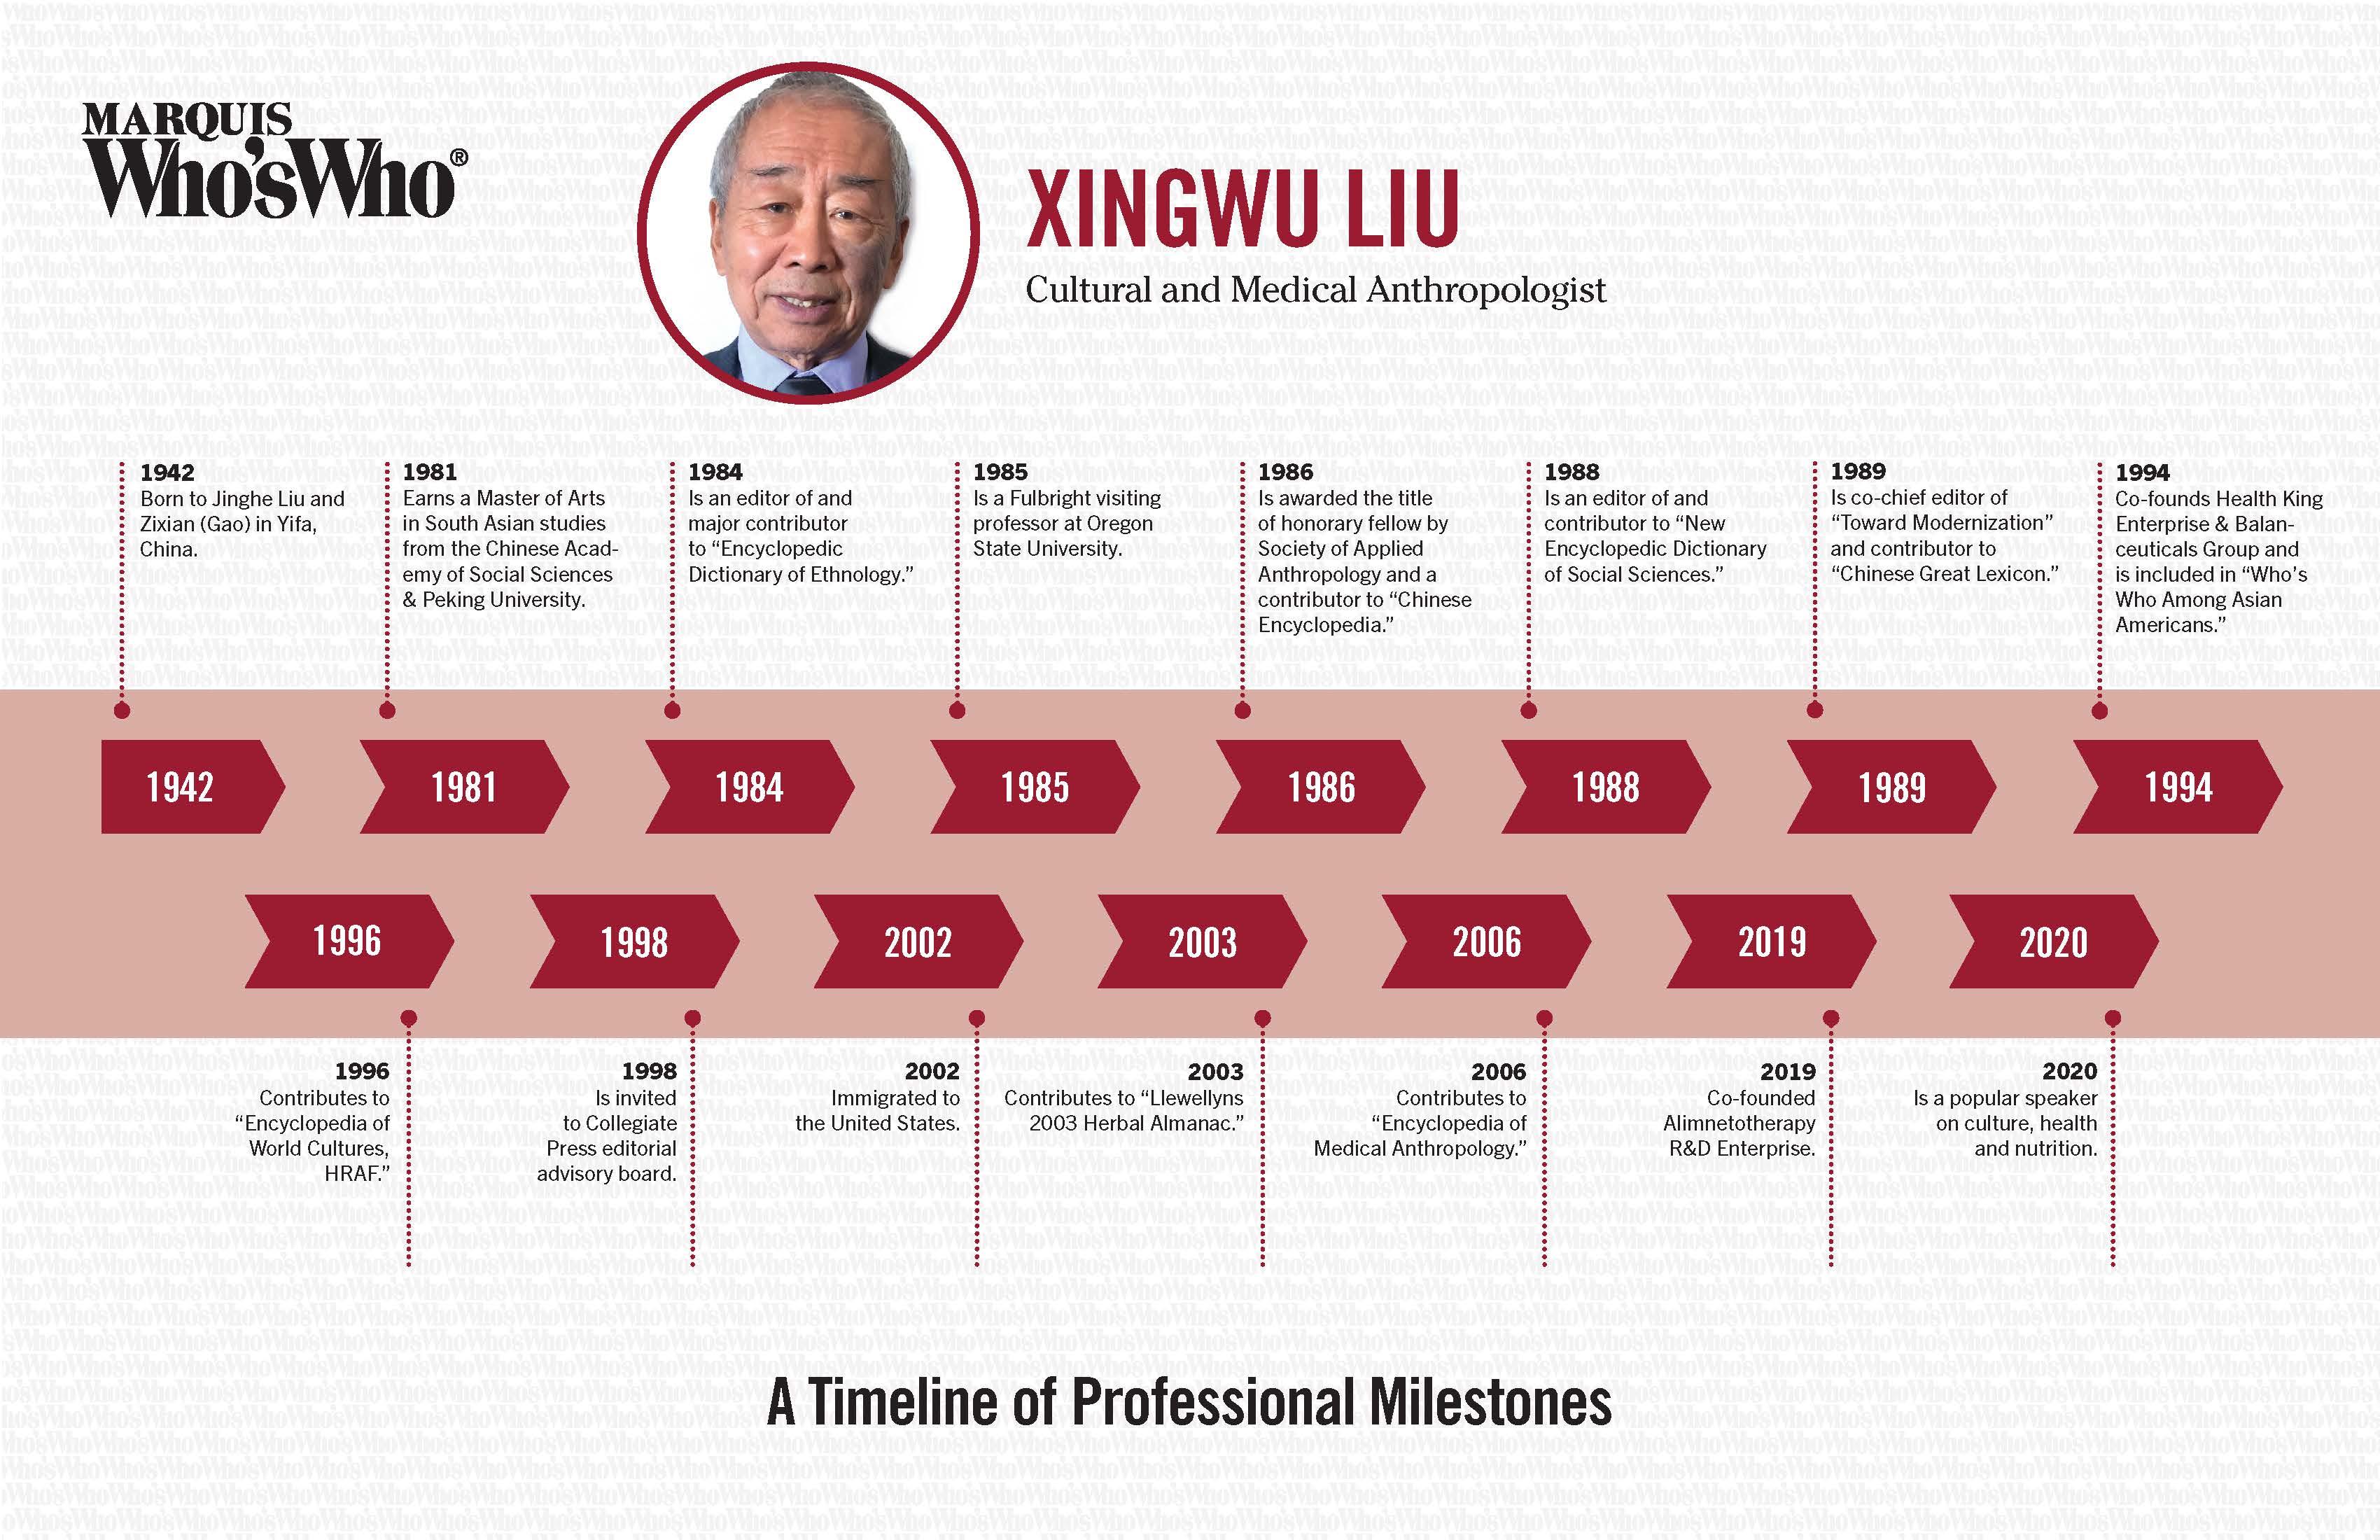 Xingwu Liu